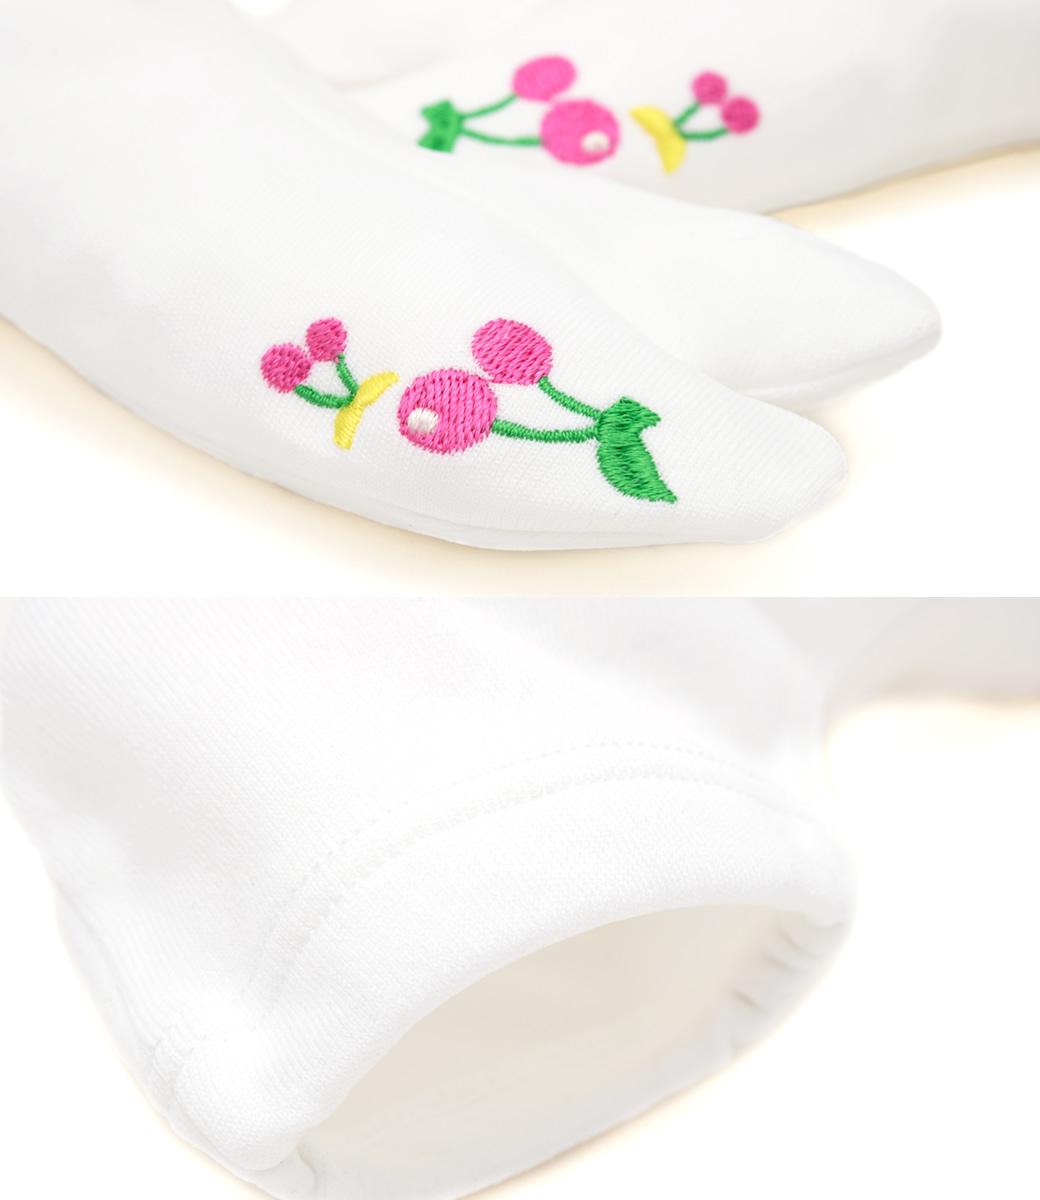 ご自宅でお手入れ可能なキッズ用の足袋(たび)